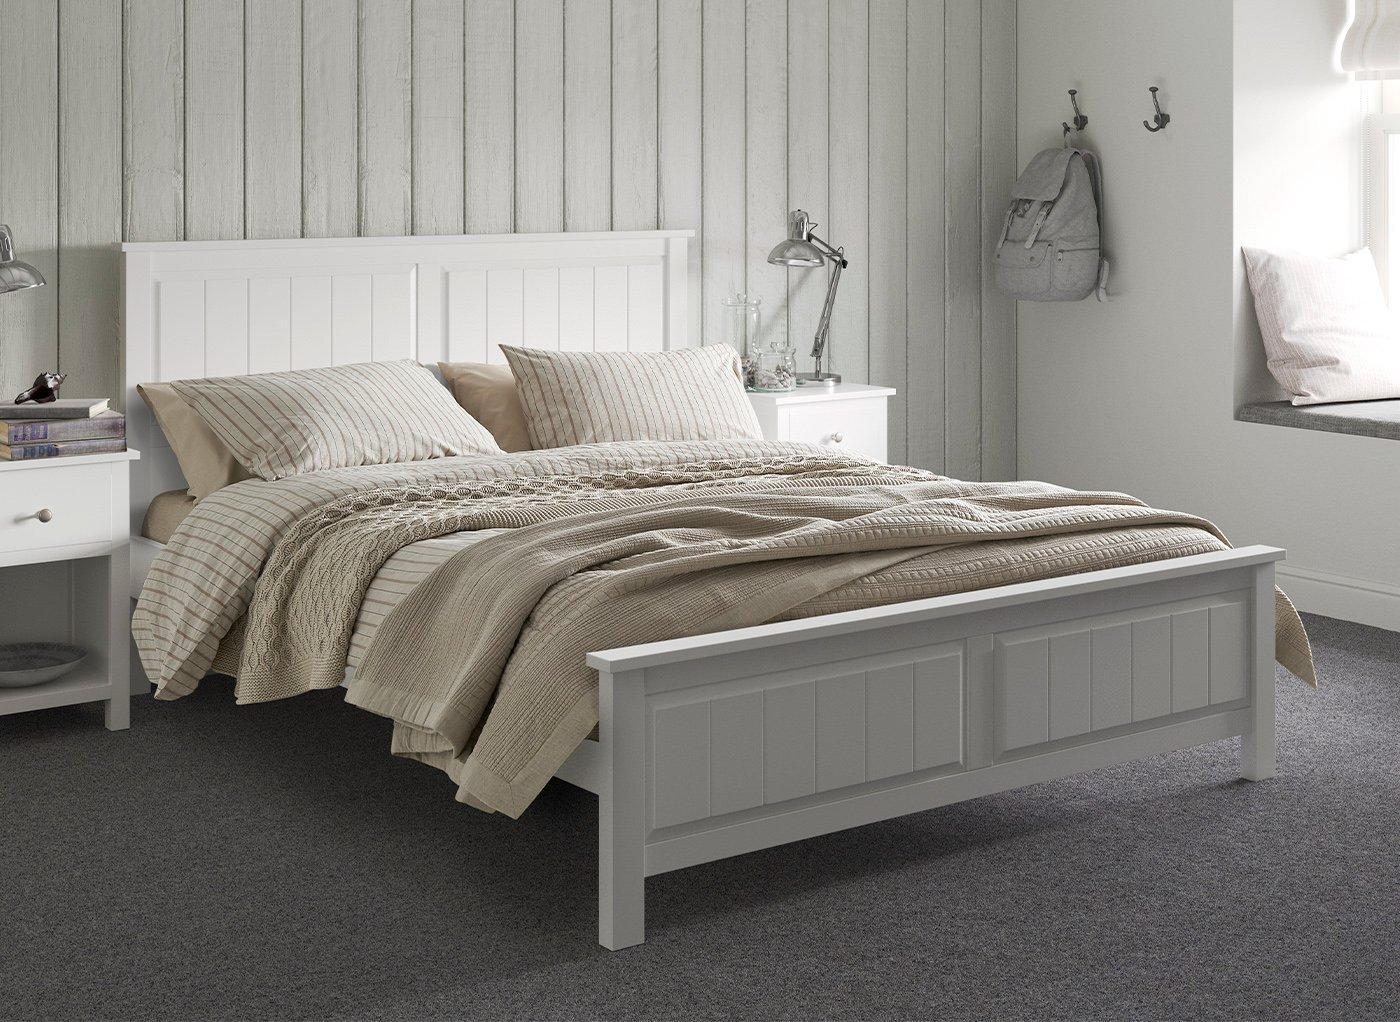 Woodbridge Wooden Bed Frame Beds Dreams